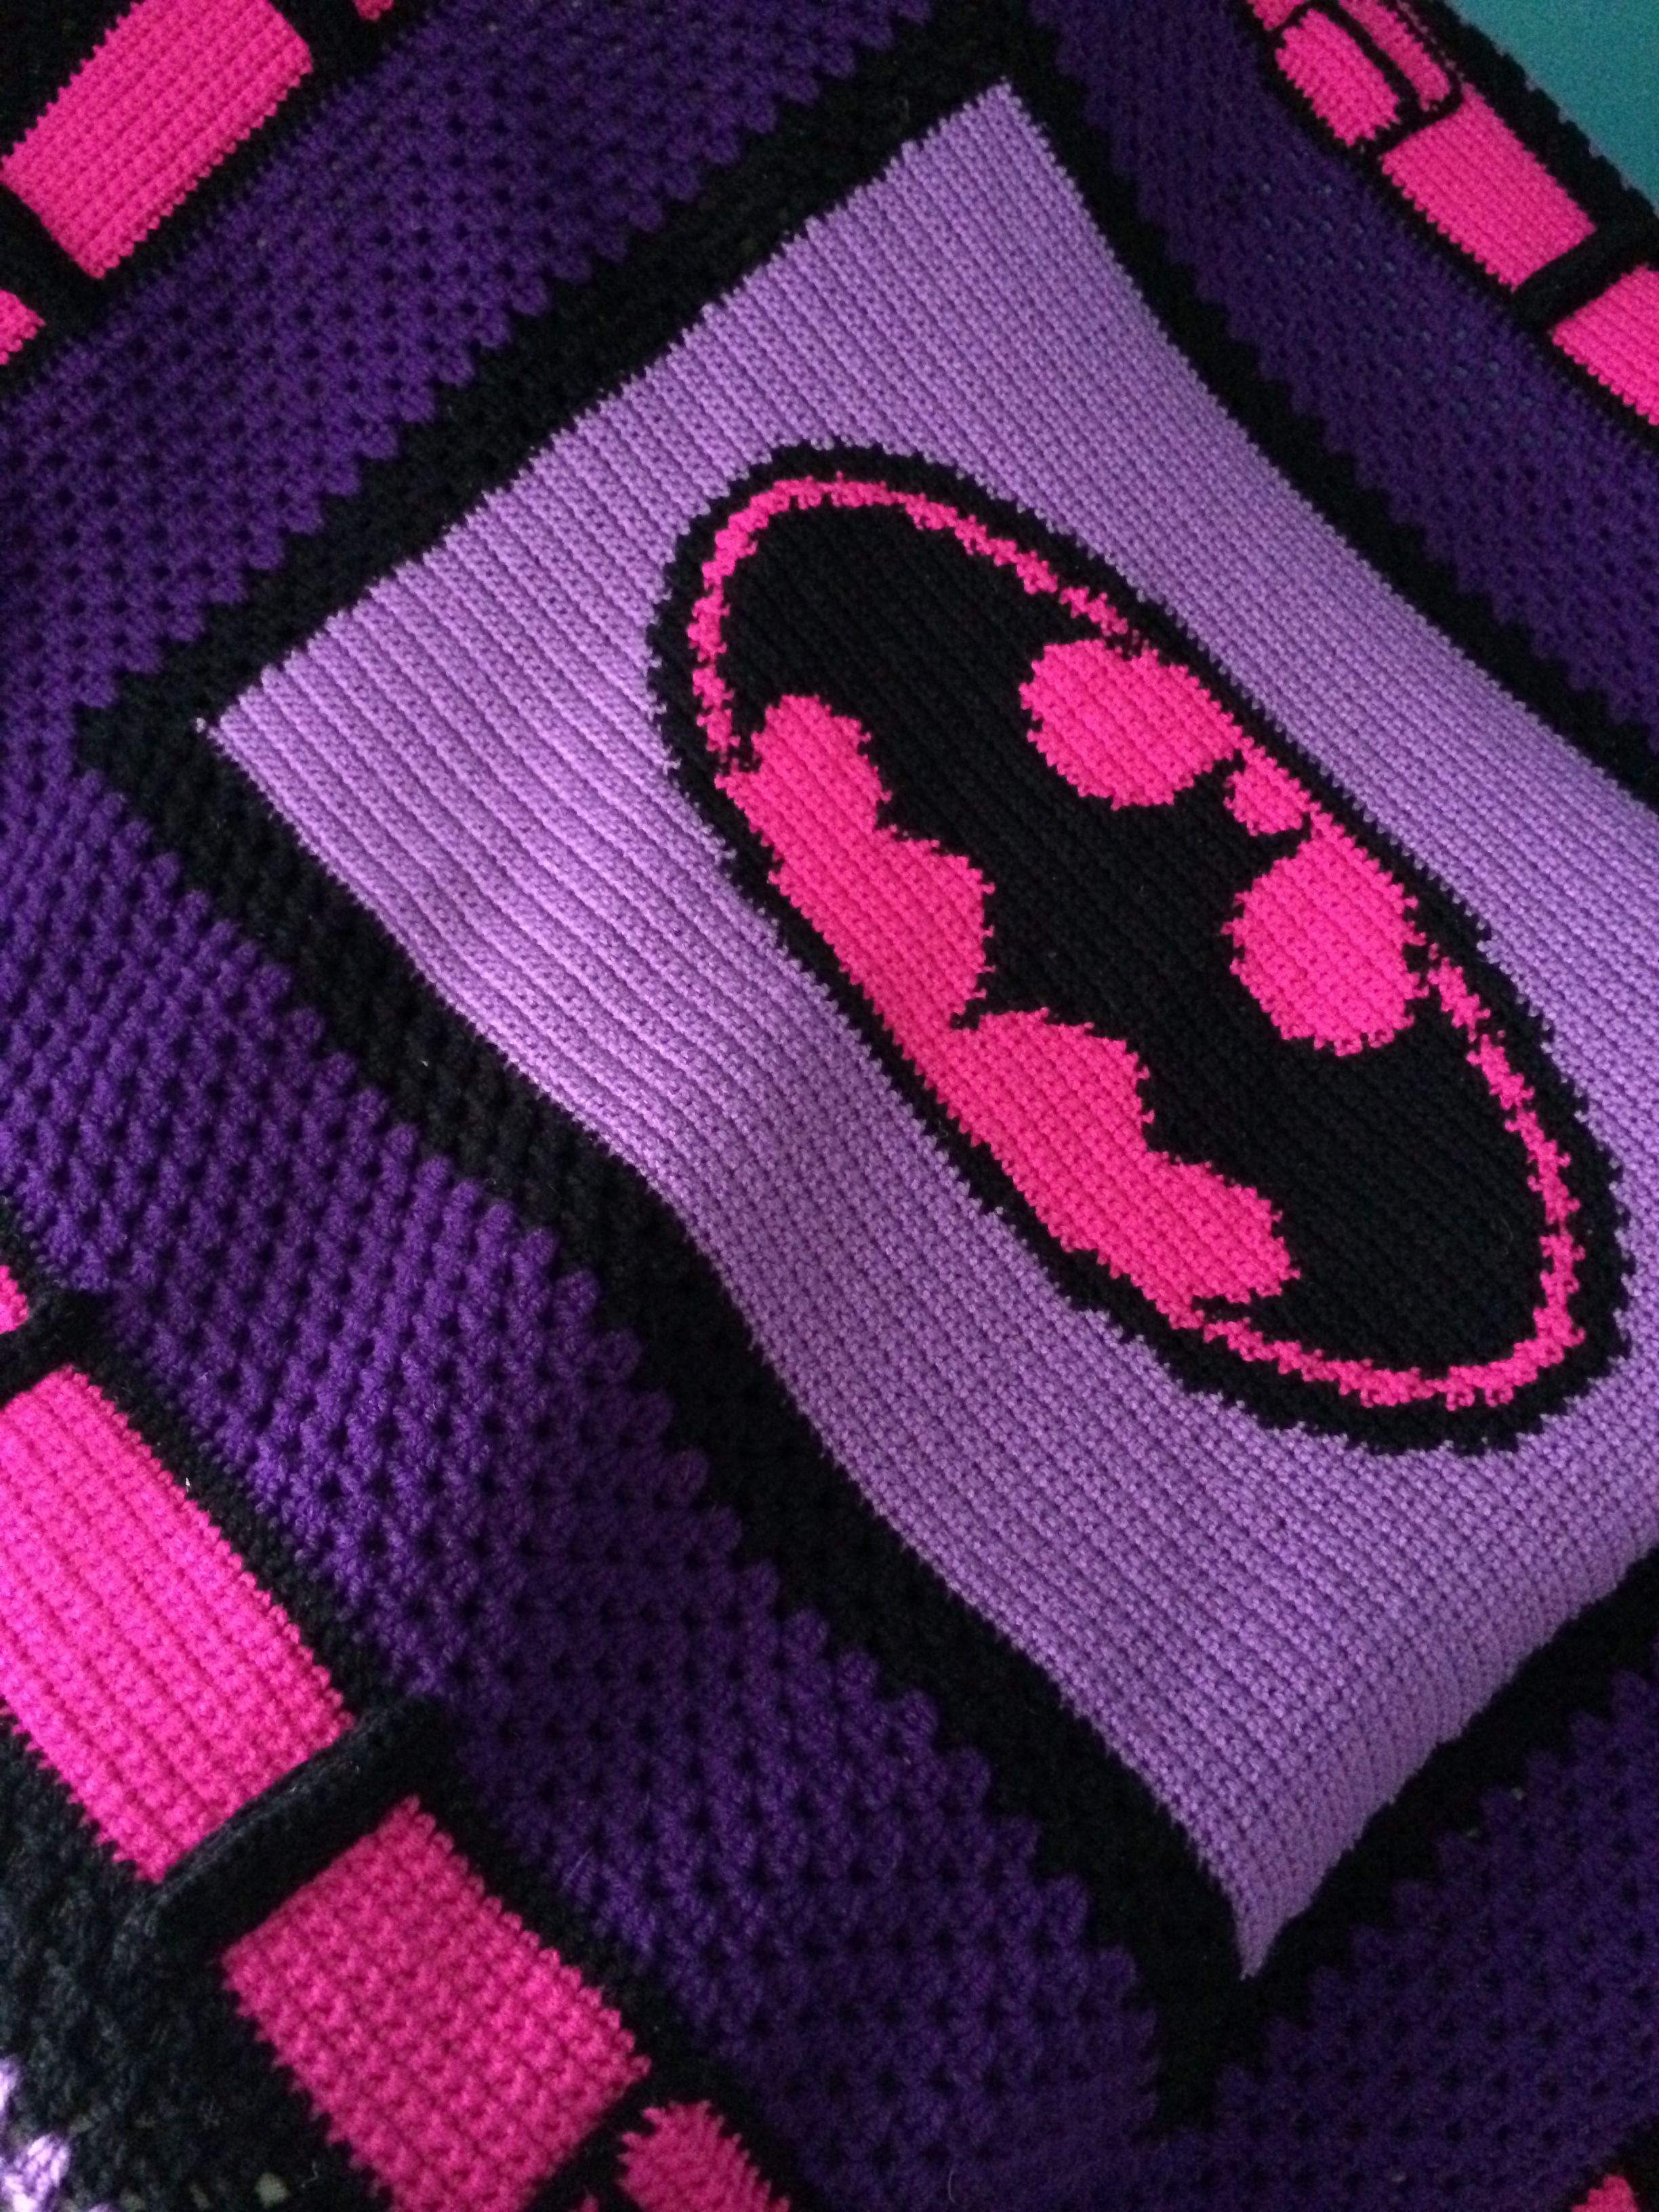 Crochet batman blanket pattern! | Knitting /Crochet - Blankets ...